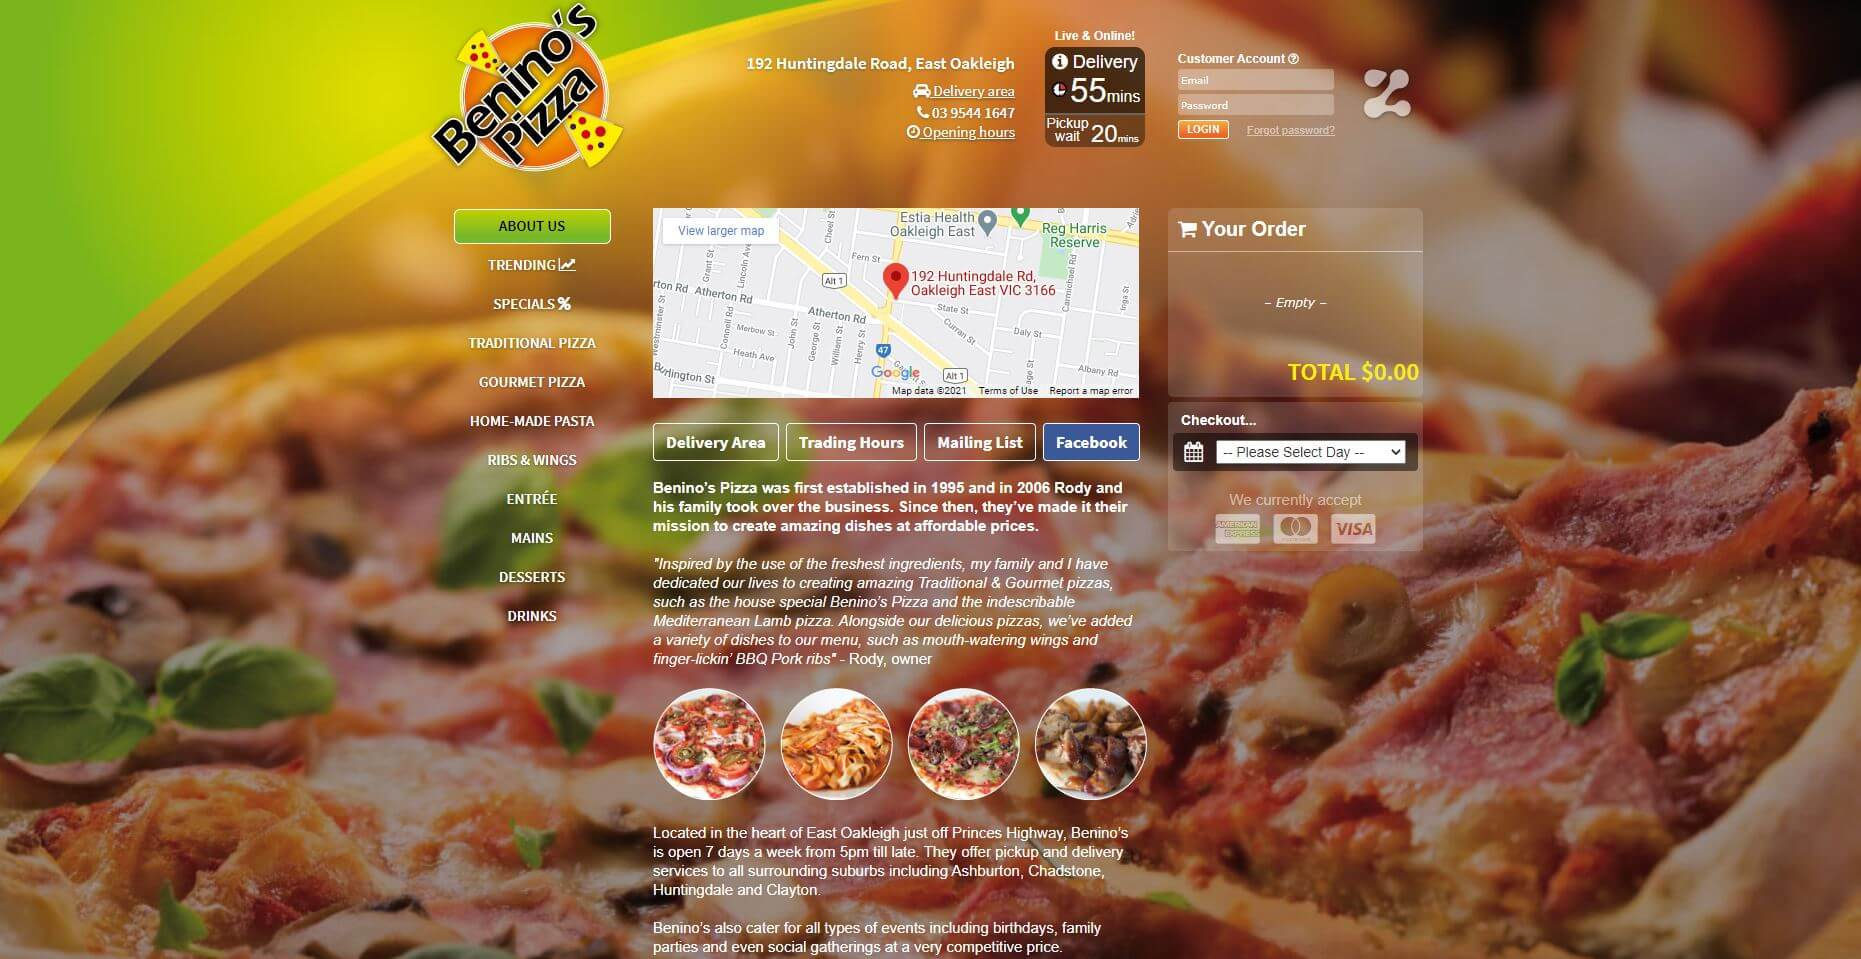 Benino's Pizza